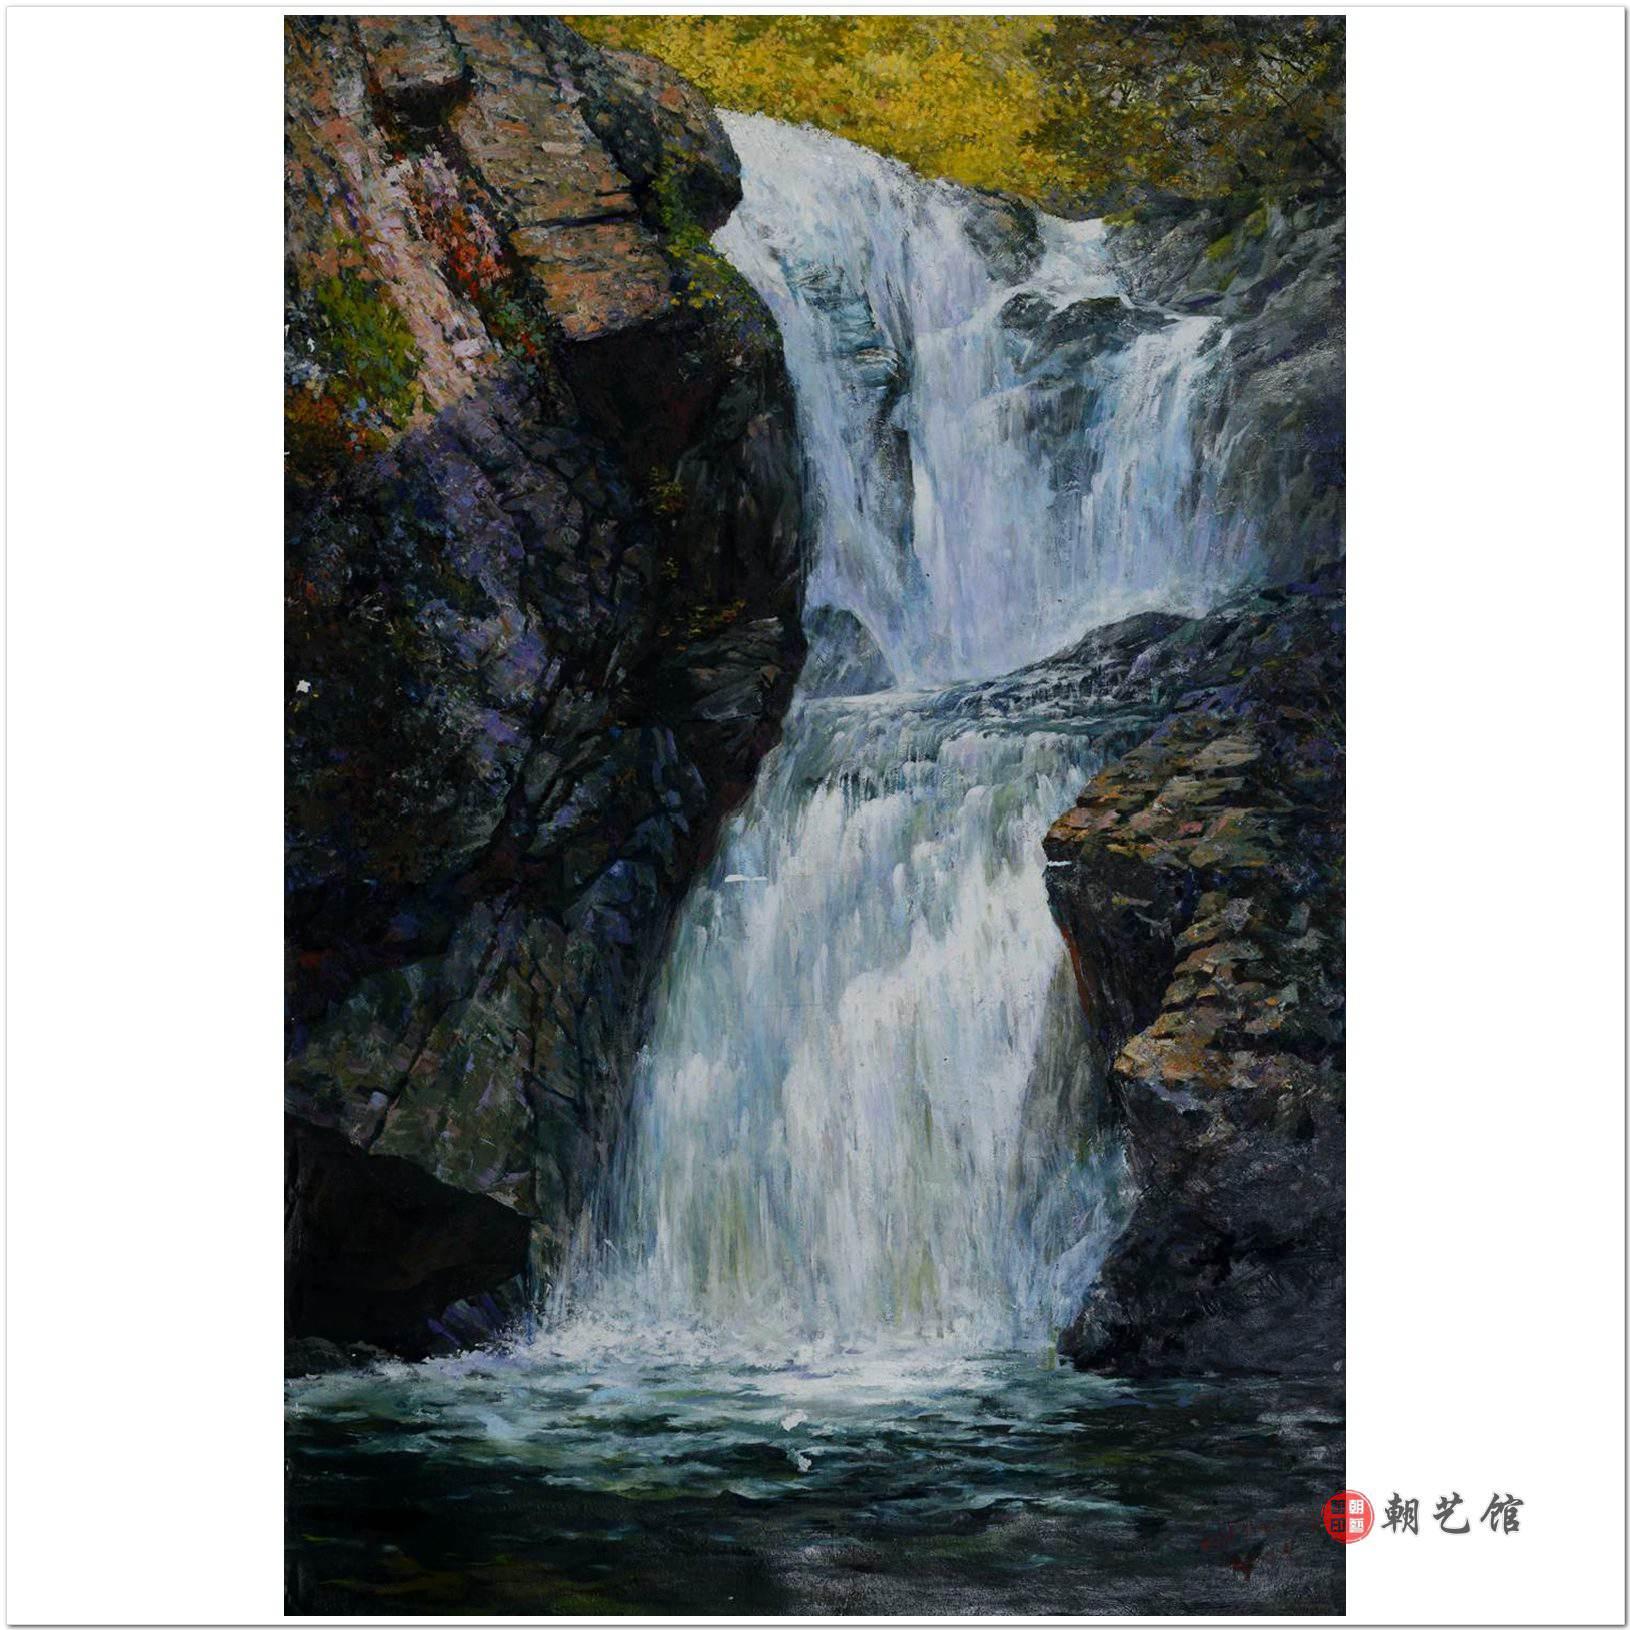 李成山《瀑布》朝鲜油画风景-hu-kk-hqh